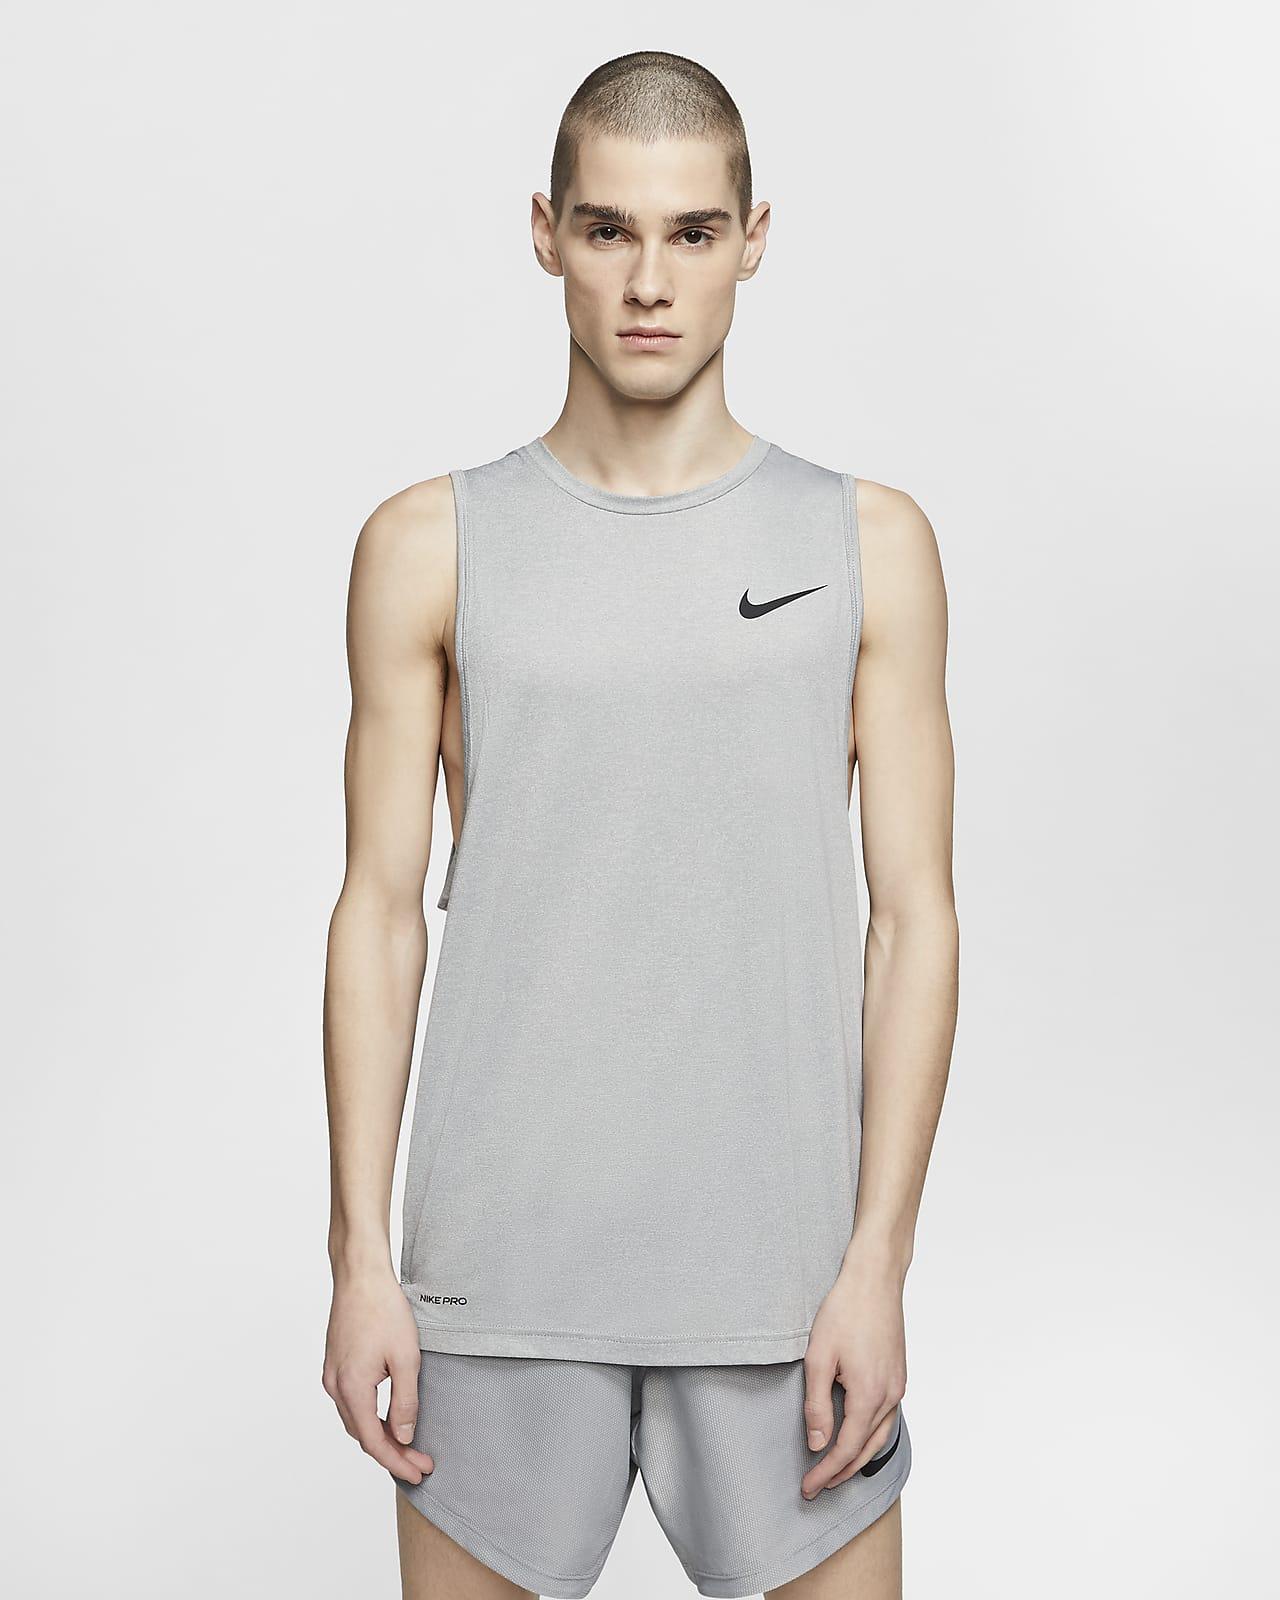 Malabares Hecho un desastre Eliminación  Nike Camiseta de tirantes de entrenamiento para hombre. Nike ES